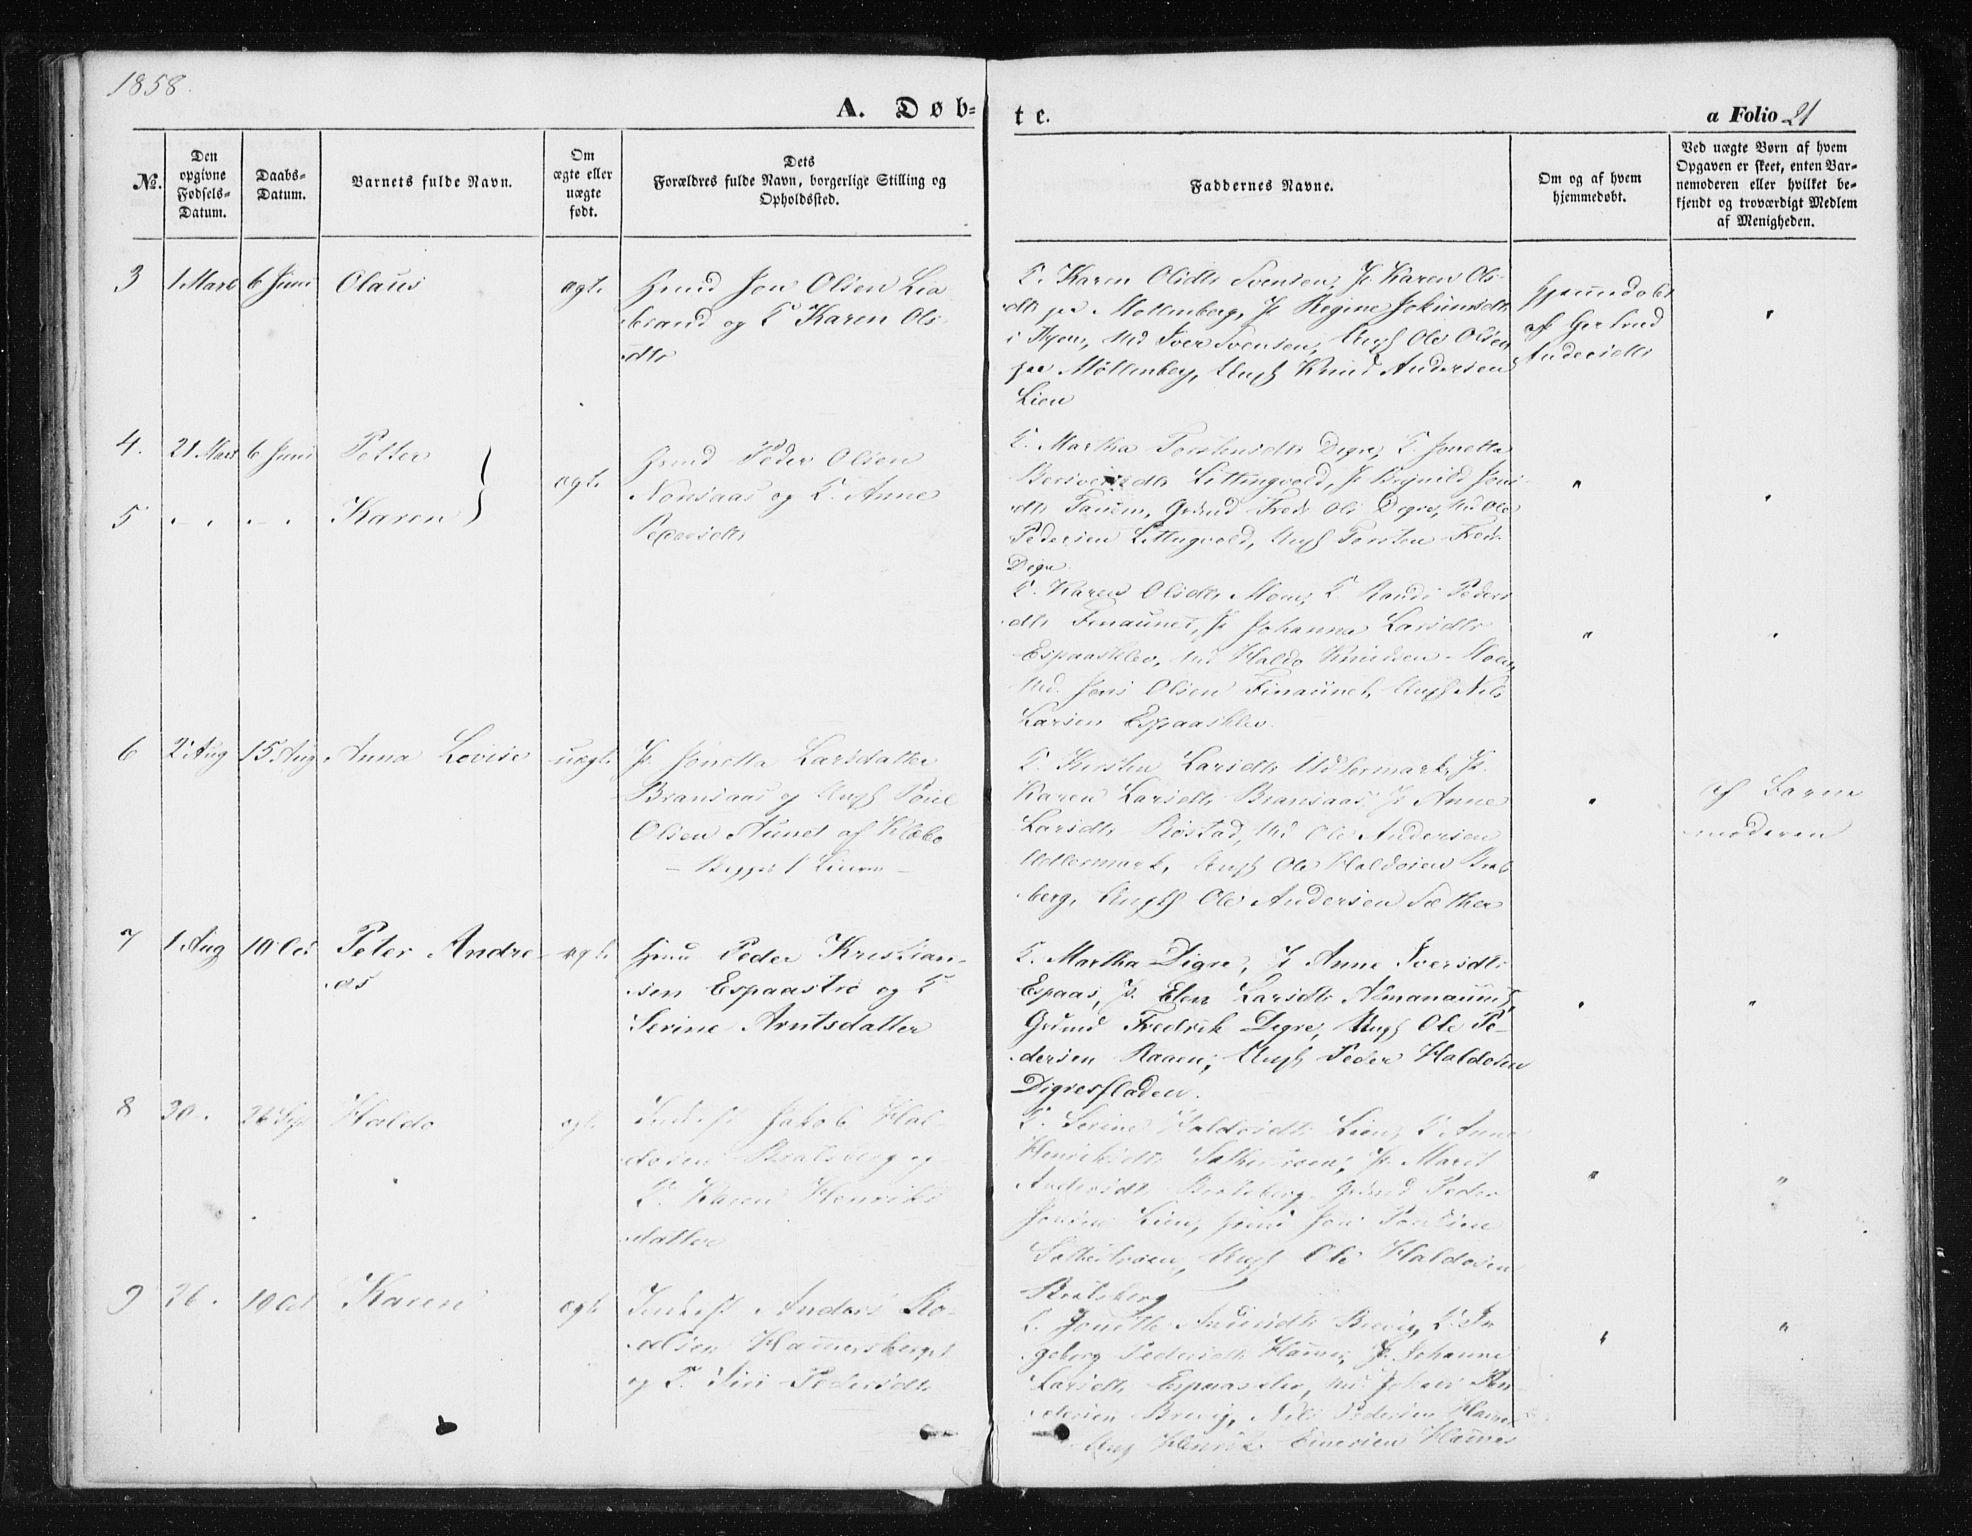 SAT, Ministerialprotokoller, klokkerbøker og fødselsregistre - Sør-Trøndelag, 608/L0332: Ministerialbok nr. 608A01, 1848-1861, s. 21